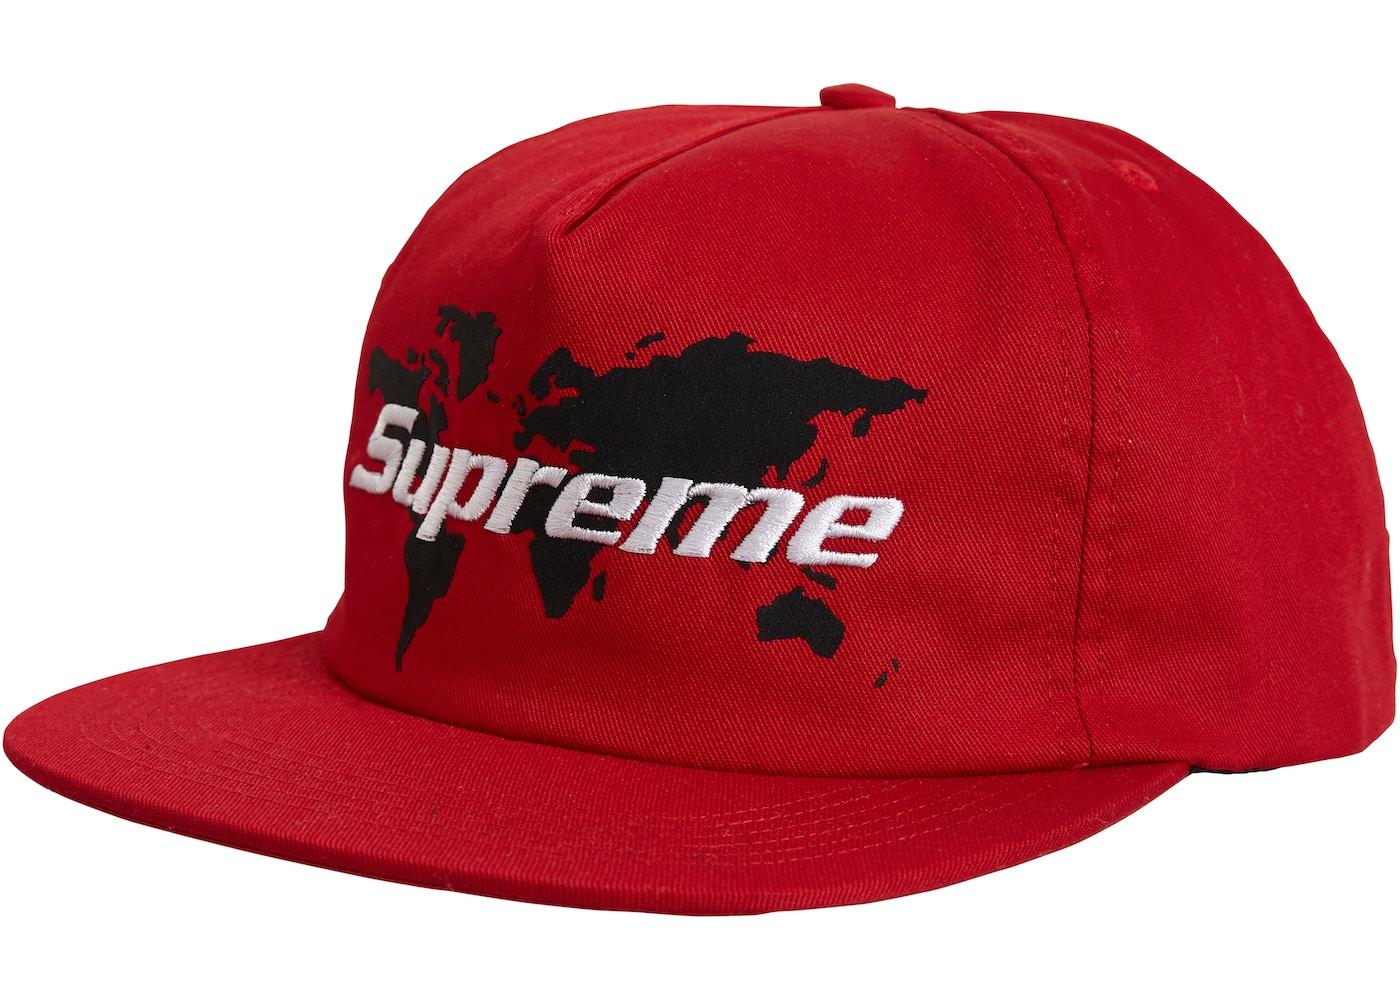 824a3b395b7 Streetwear - Supreme Headwear - Lowest Ask